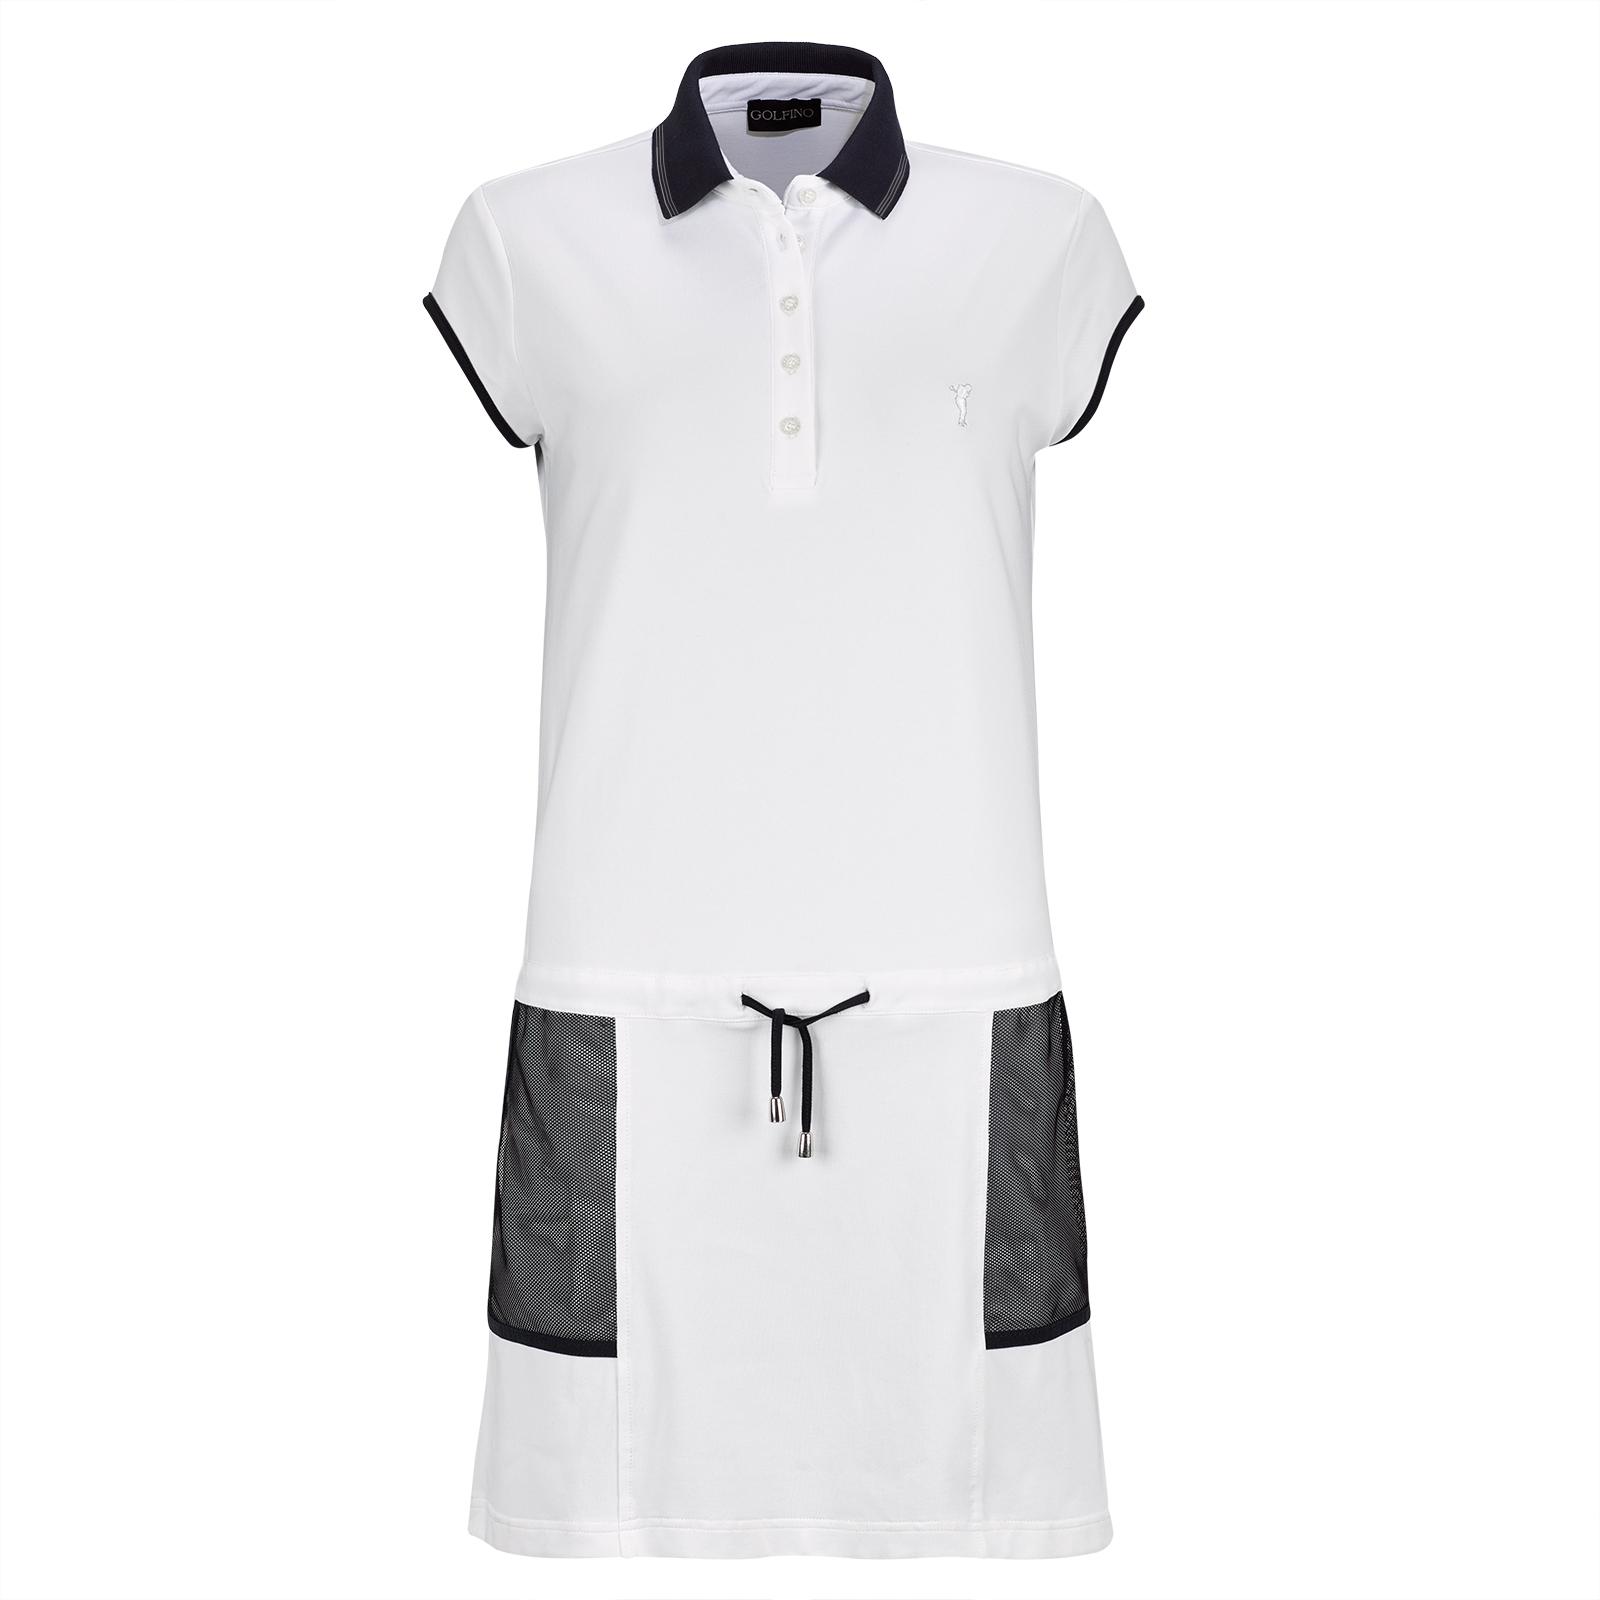 Trendiges Damen Piqué Golfkleid mit Sunprotection und Mesh-Applikationen